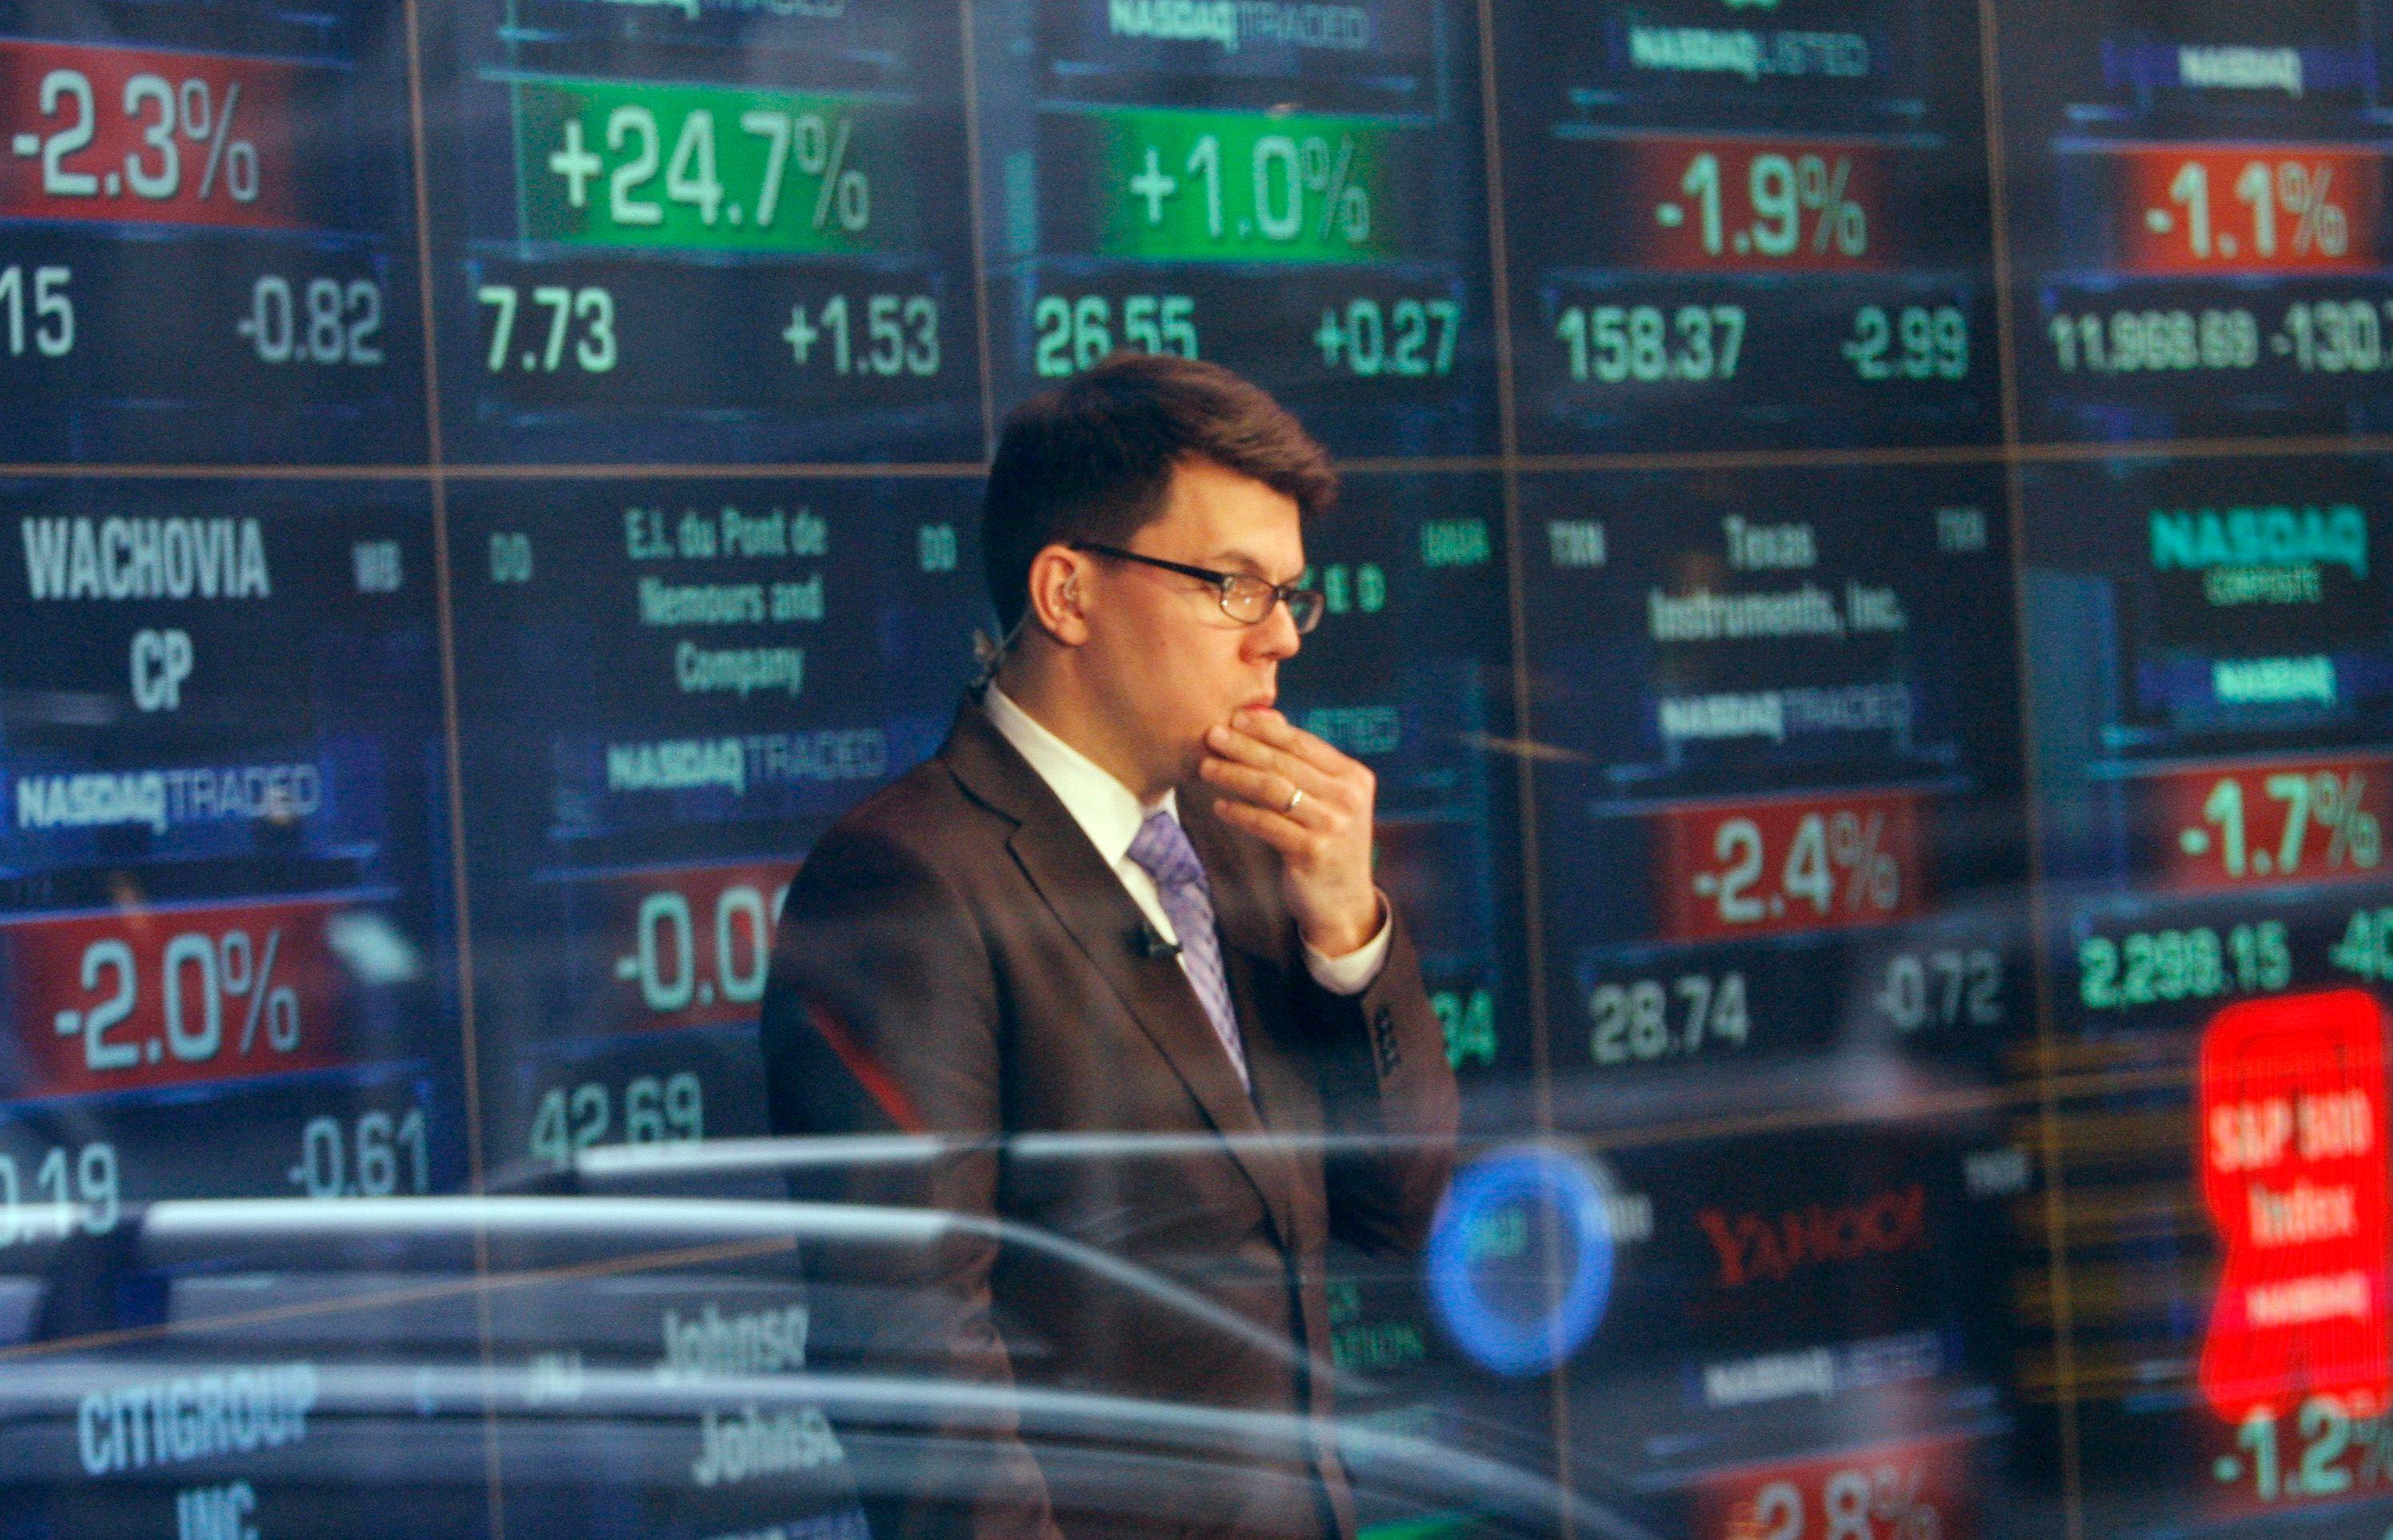 La presse américaine incite actuellement les particuliers à investir en Bourse